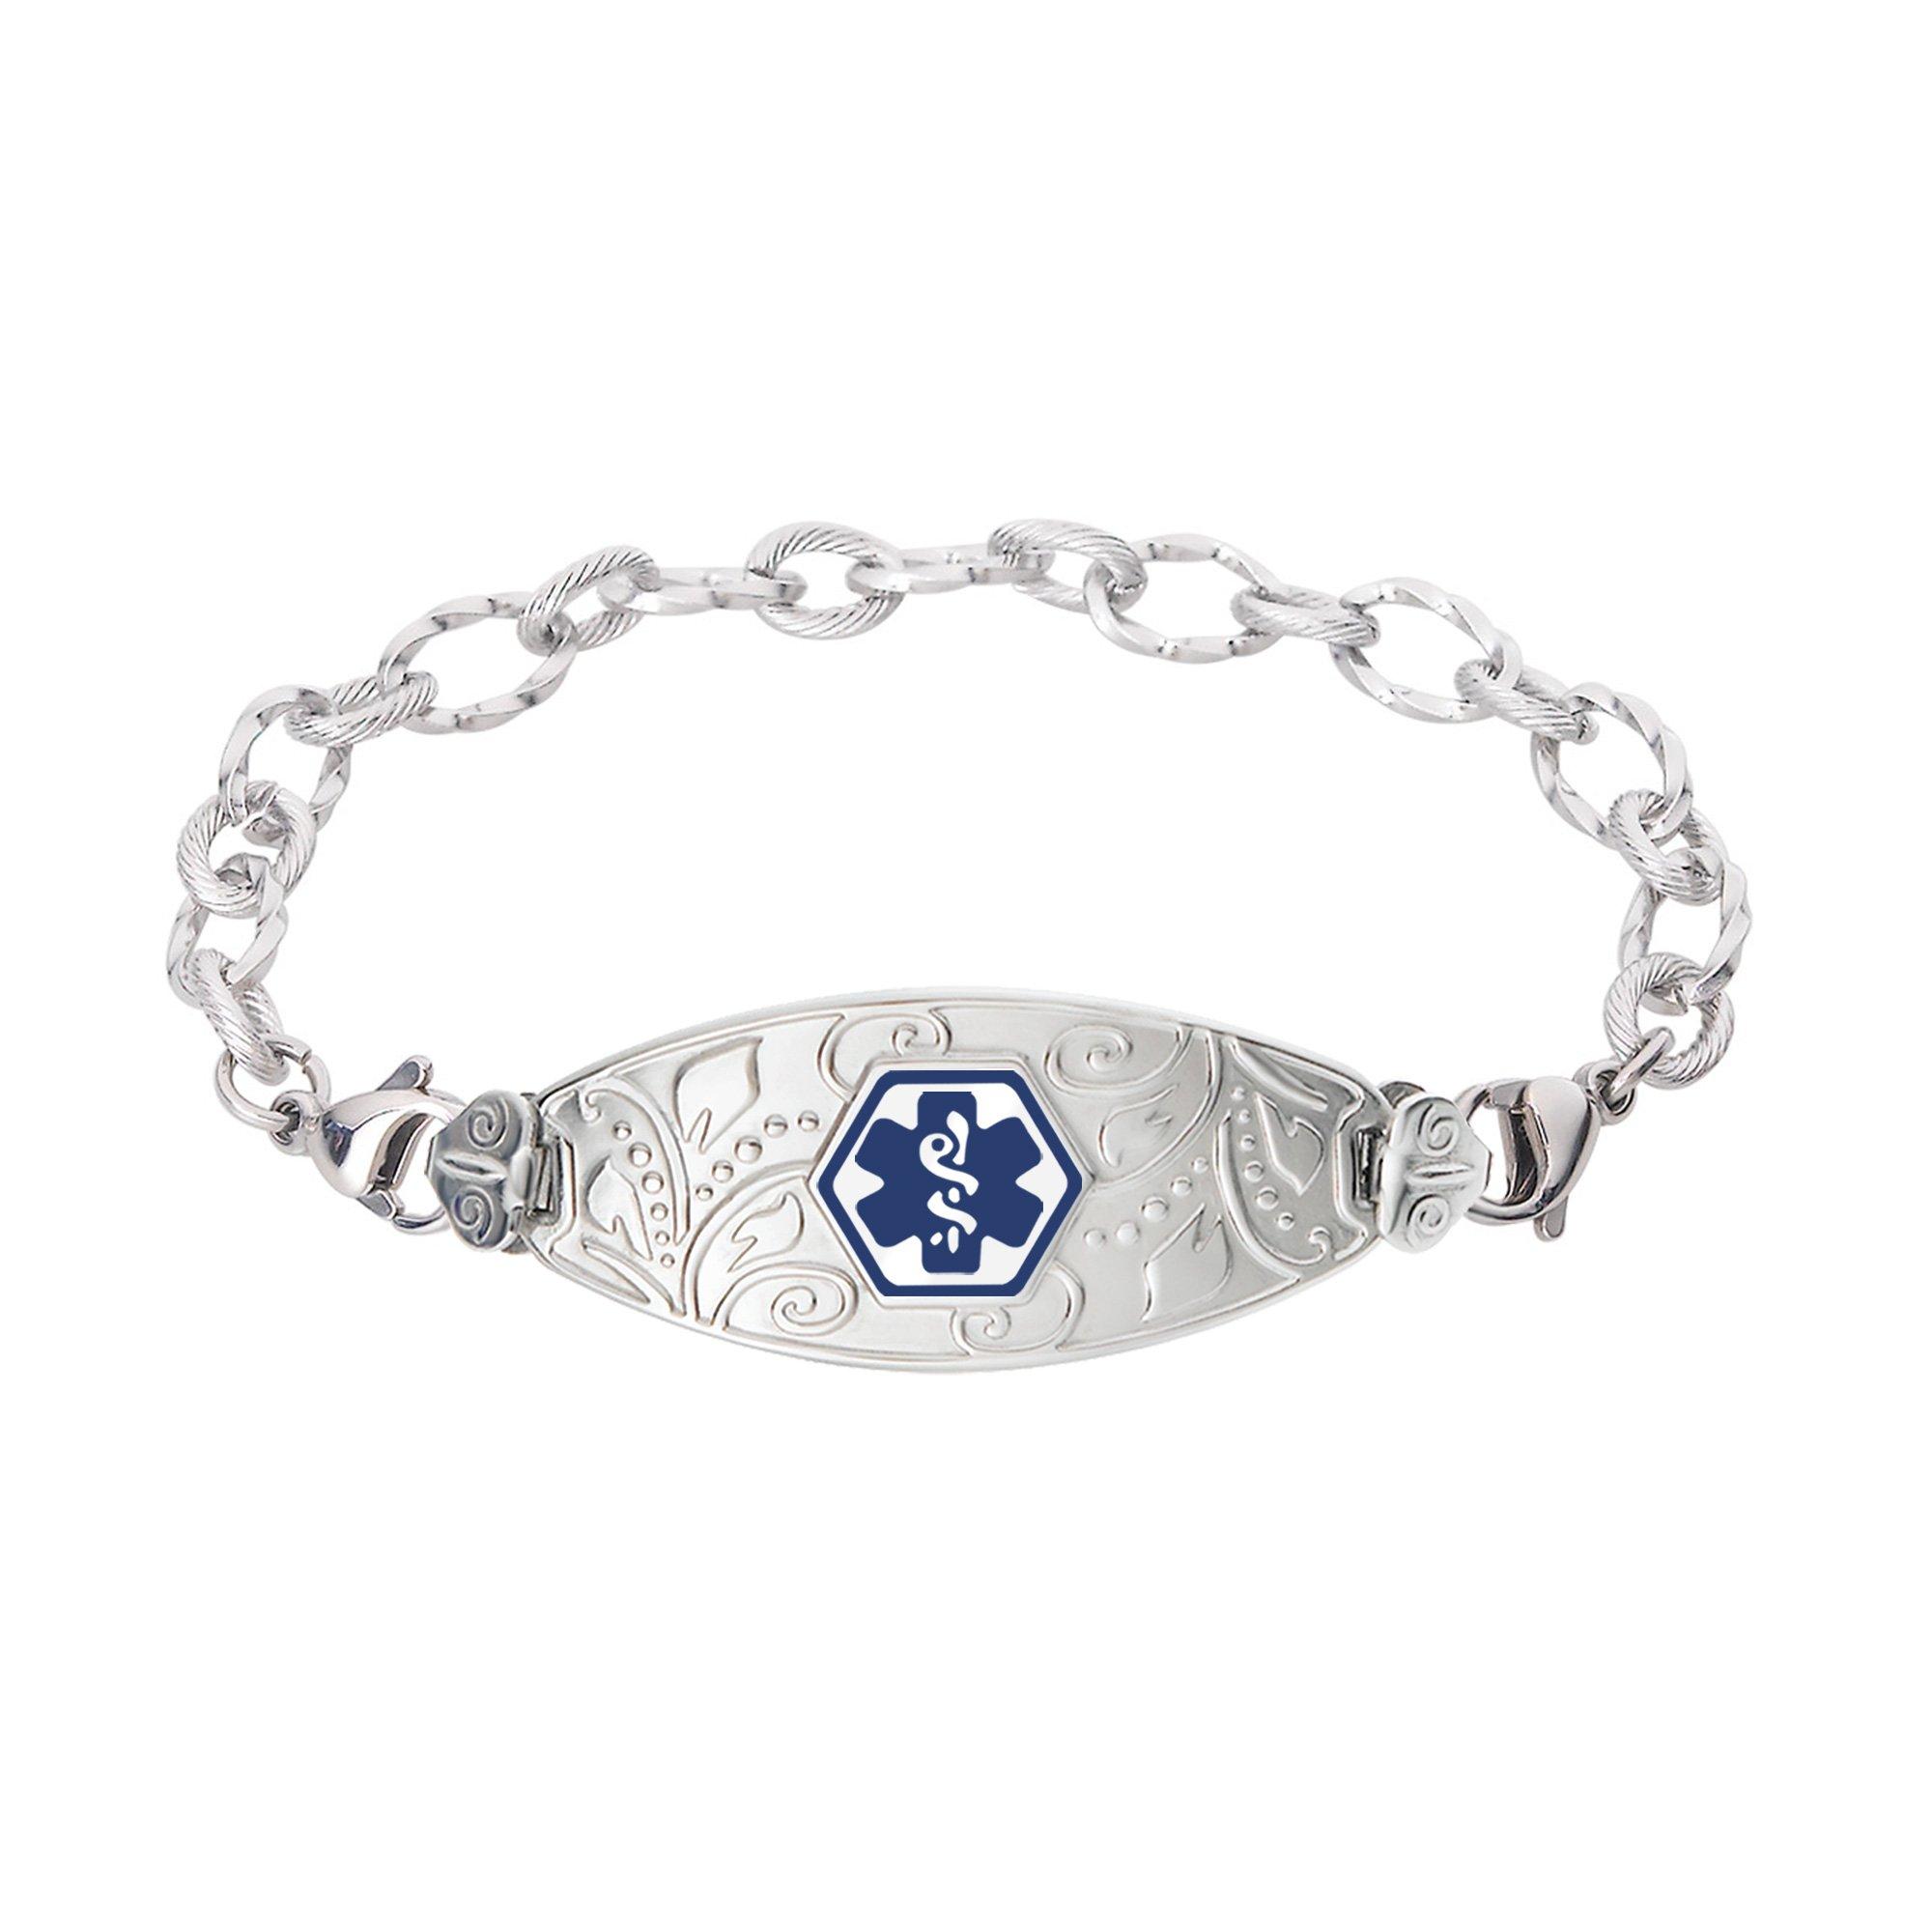 Divoti Custom Engraved Lovely Filigree Medical Alert Bracelet -Ridged Stainless -Deep Blue-7.0''